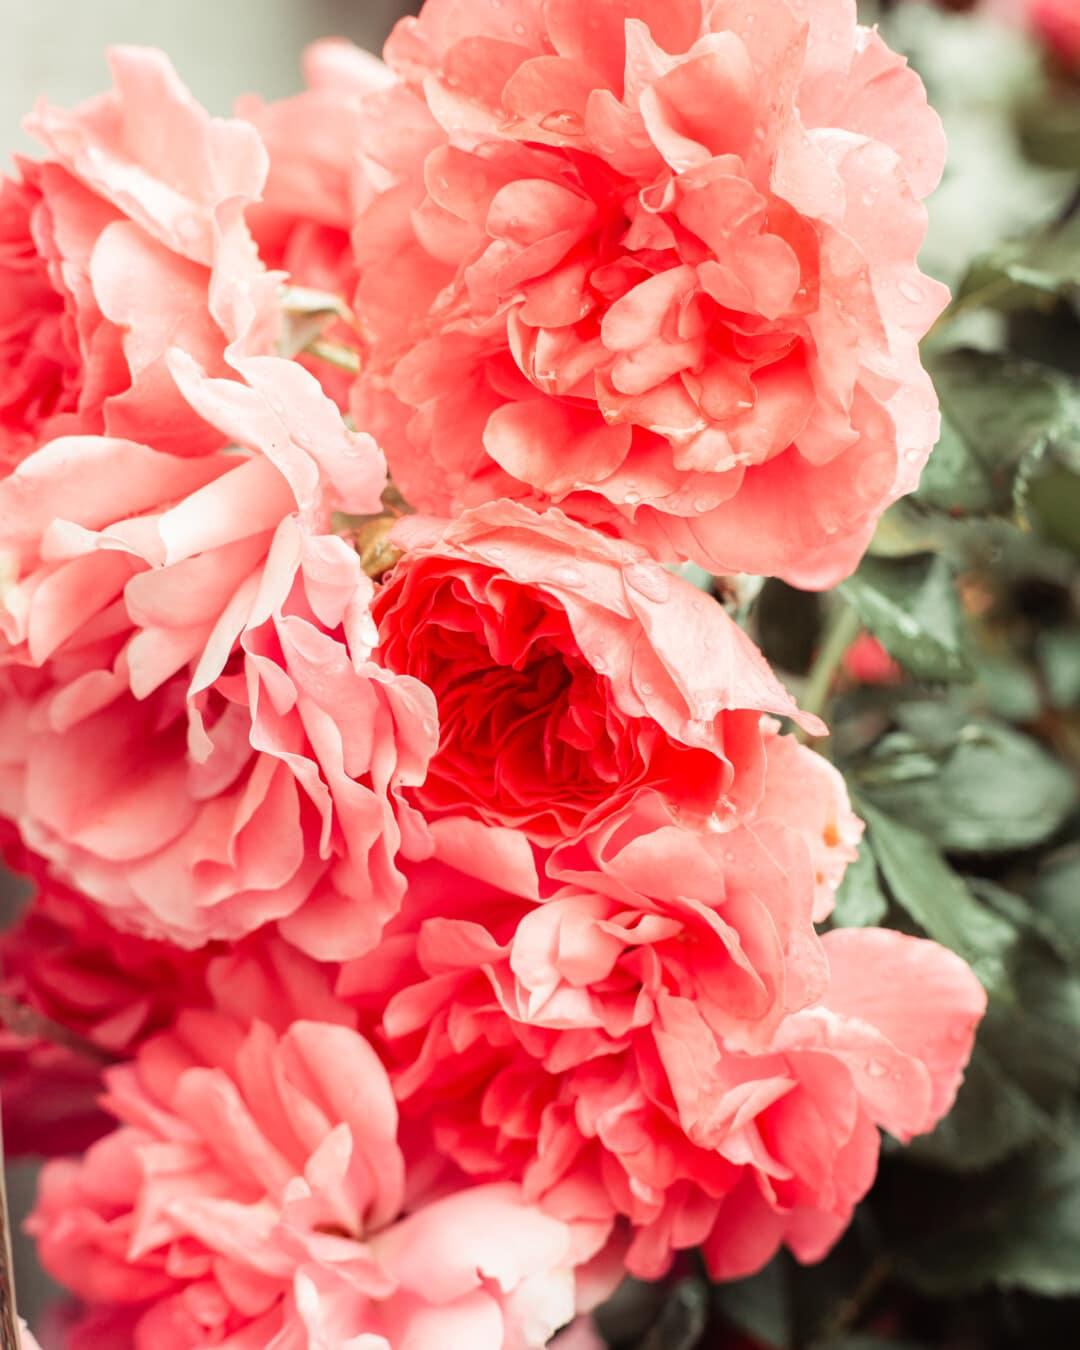 roses, red, bright, petals, dew, close-up, raindrop, petal, nature, romance